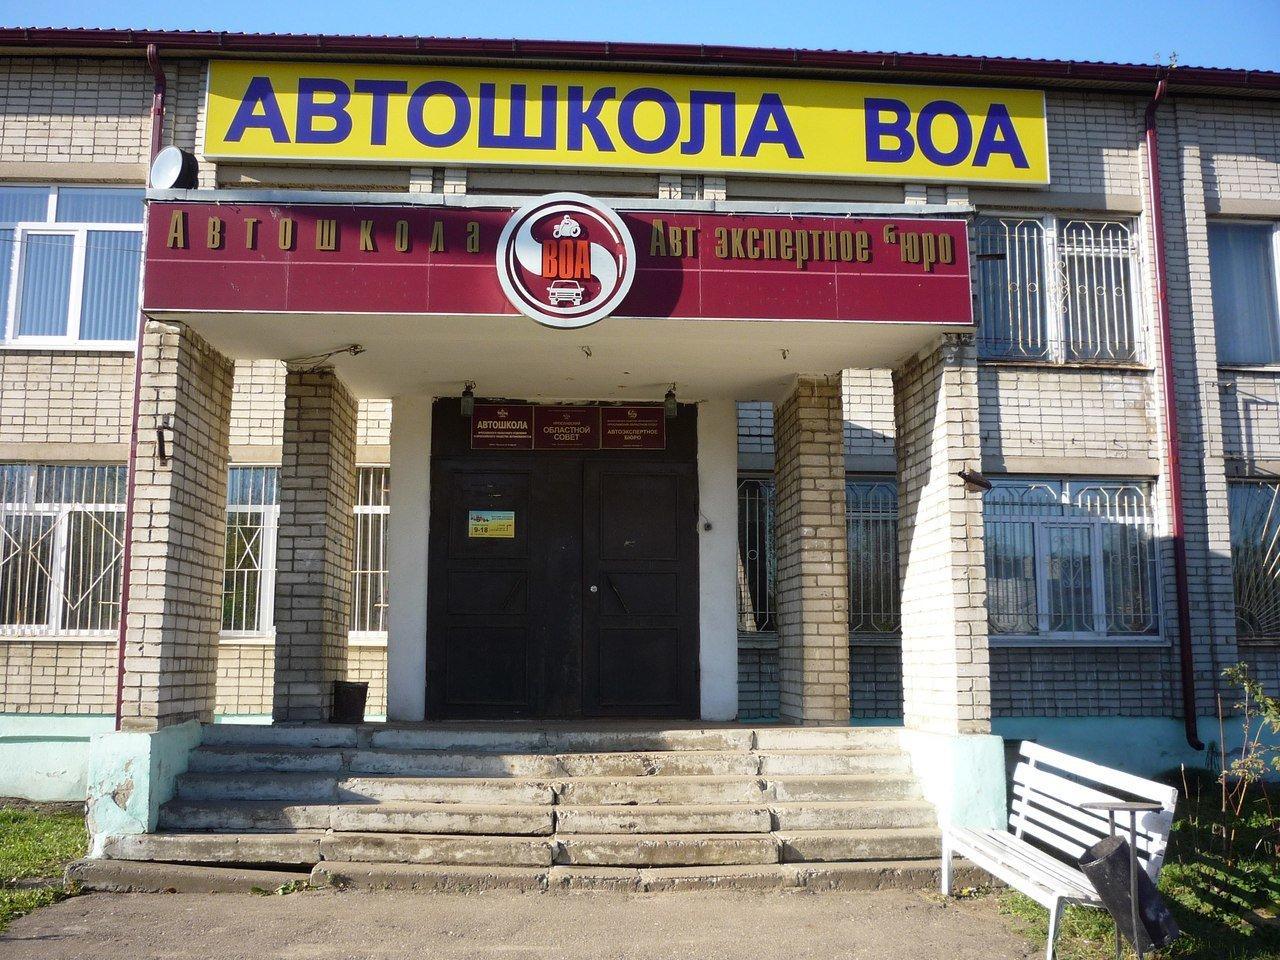 фотография Автошколы ВОА на проспекте Октября